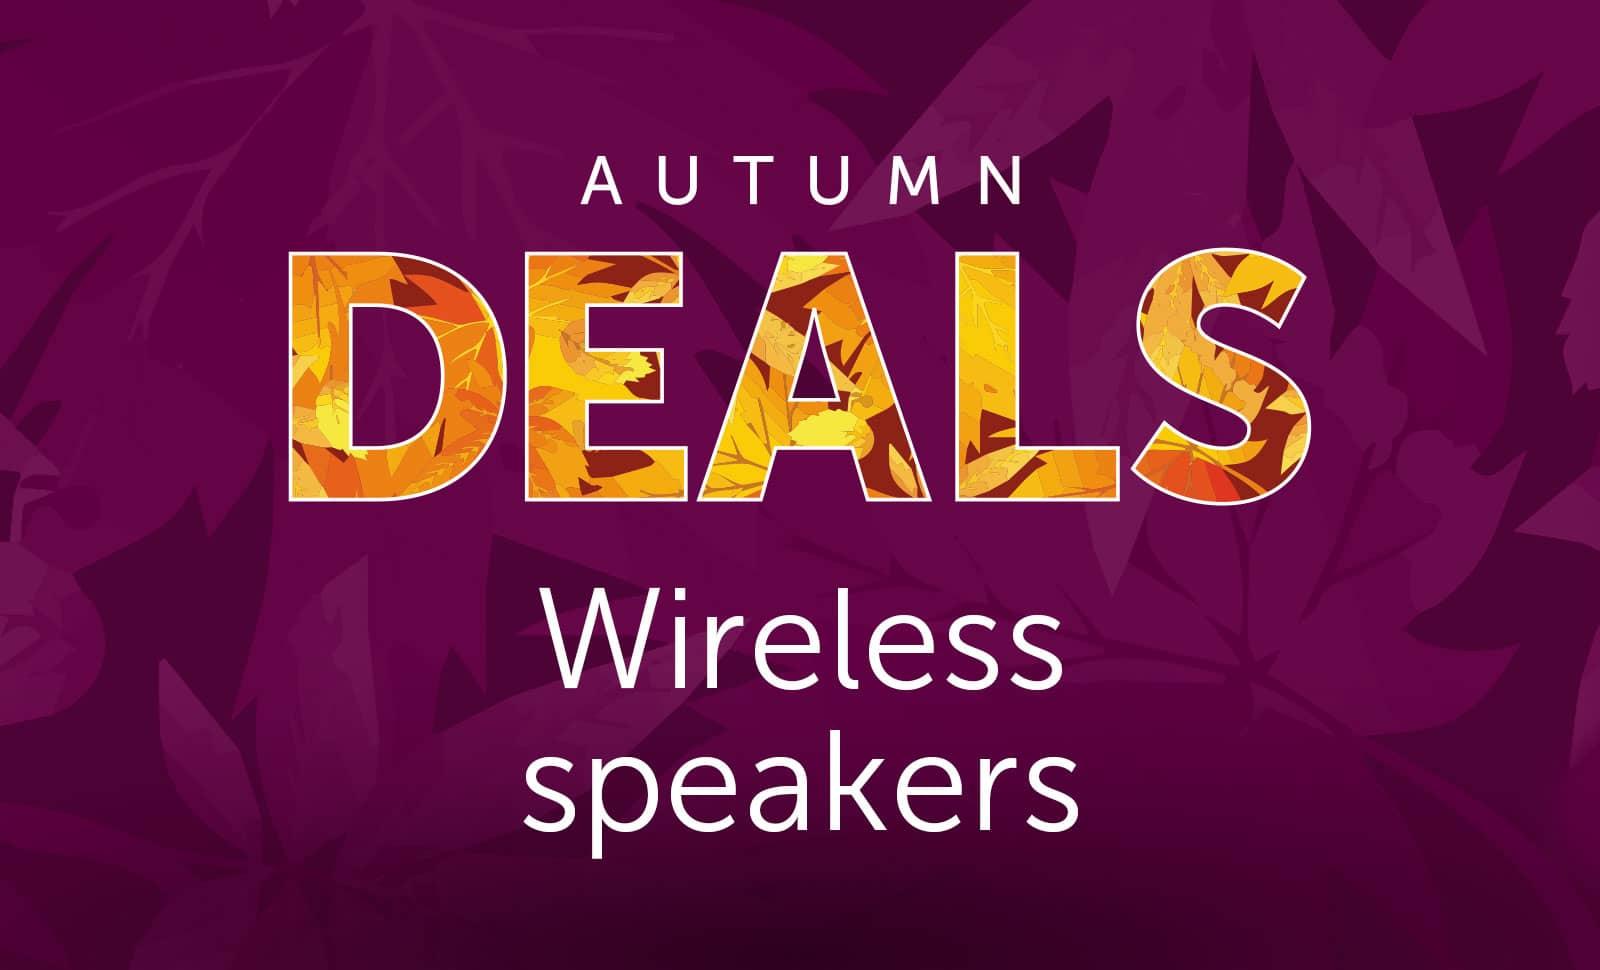 Autumn - Wireless speakers